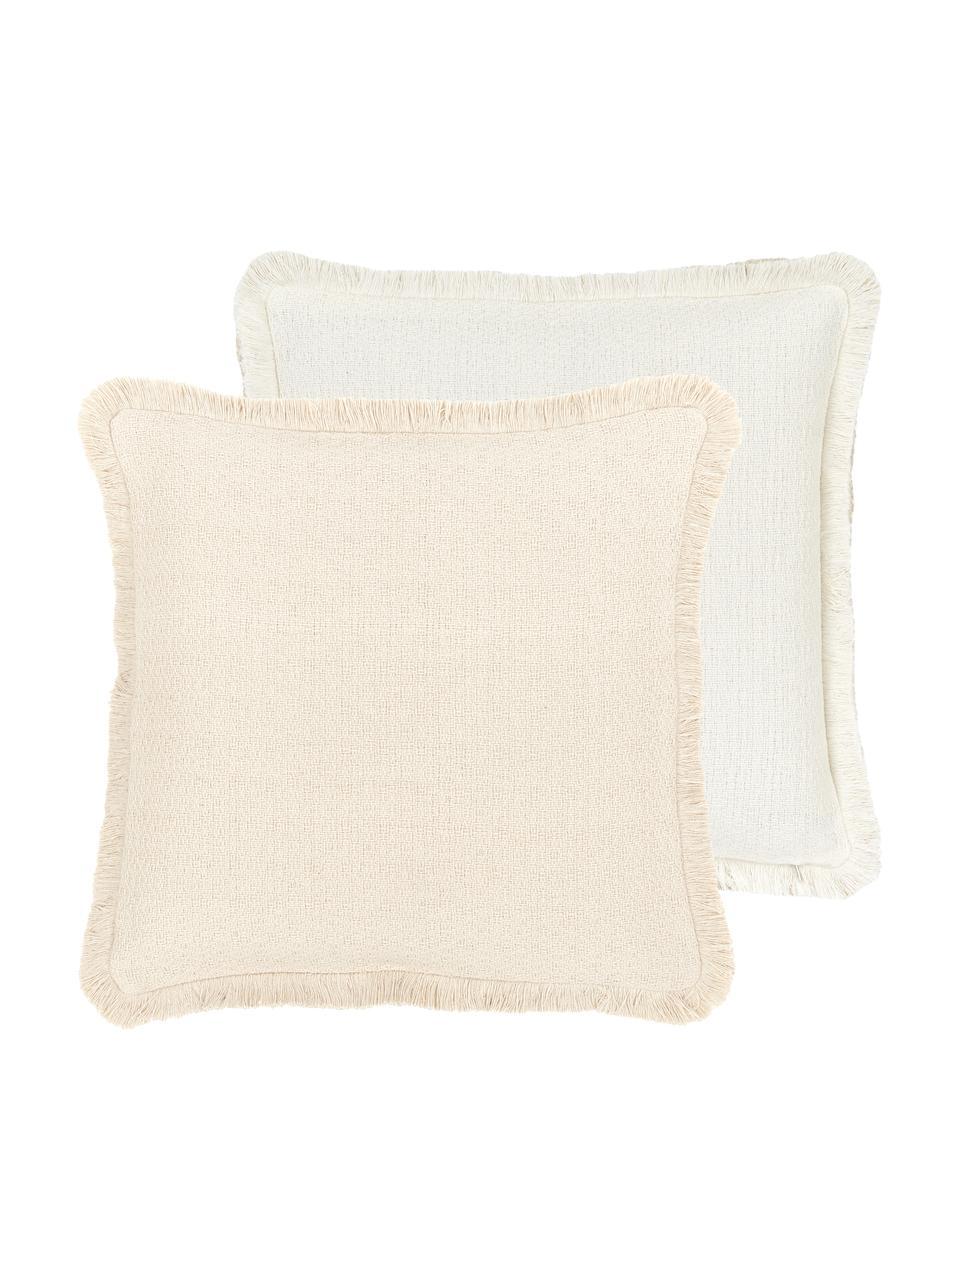 Dwustronna poszewka na poduszkę z frędzlami Loran, 100% bawełna, Beżowy, S 40 x D 40 cm